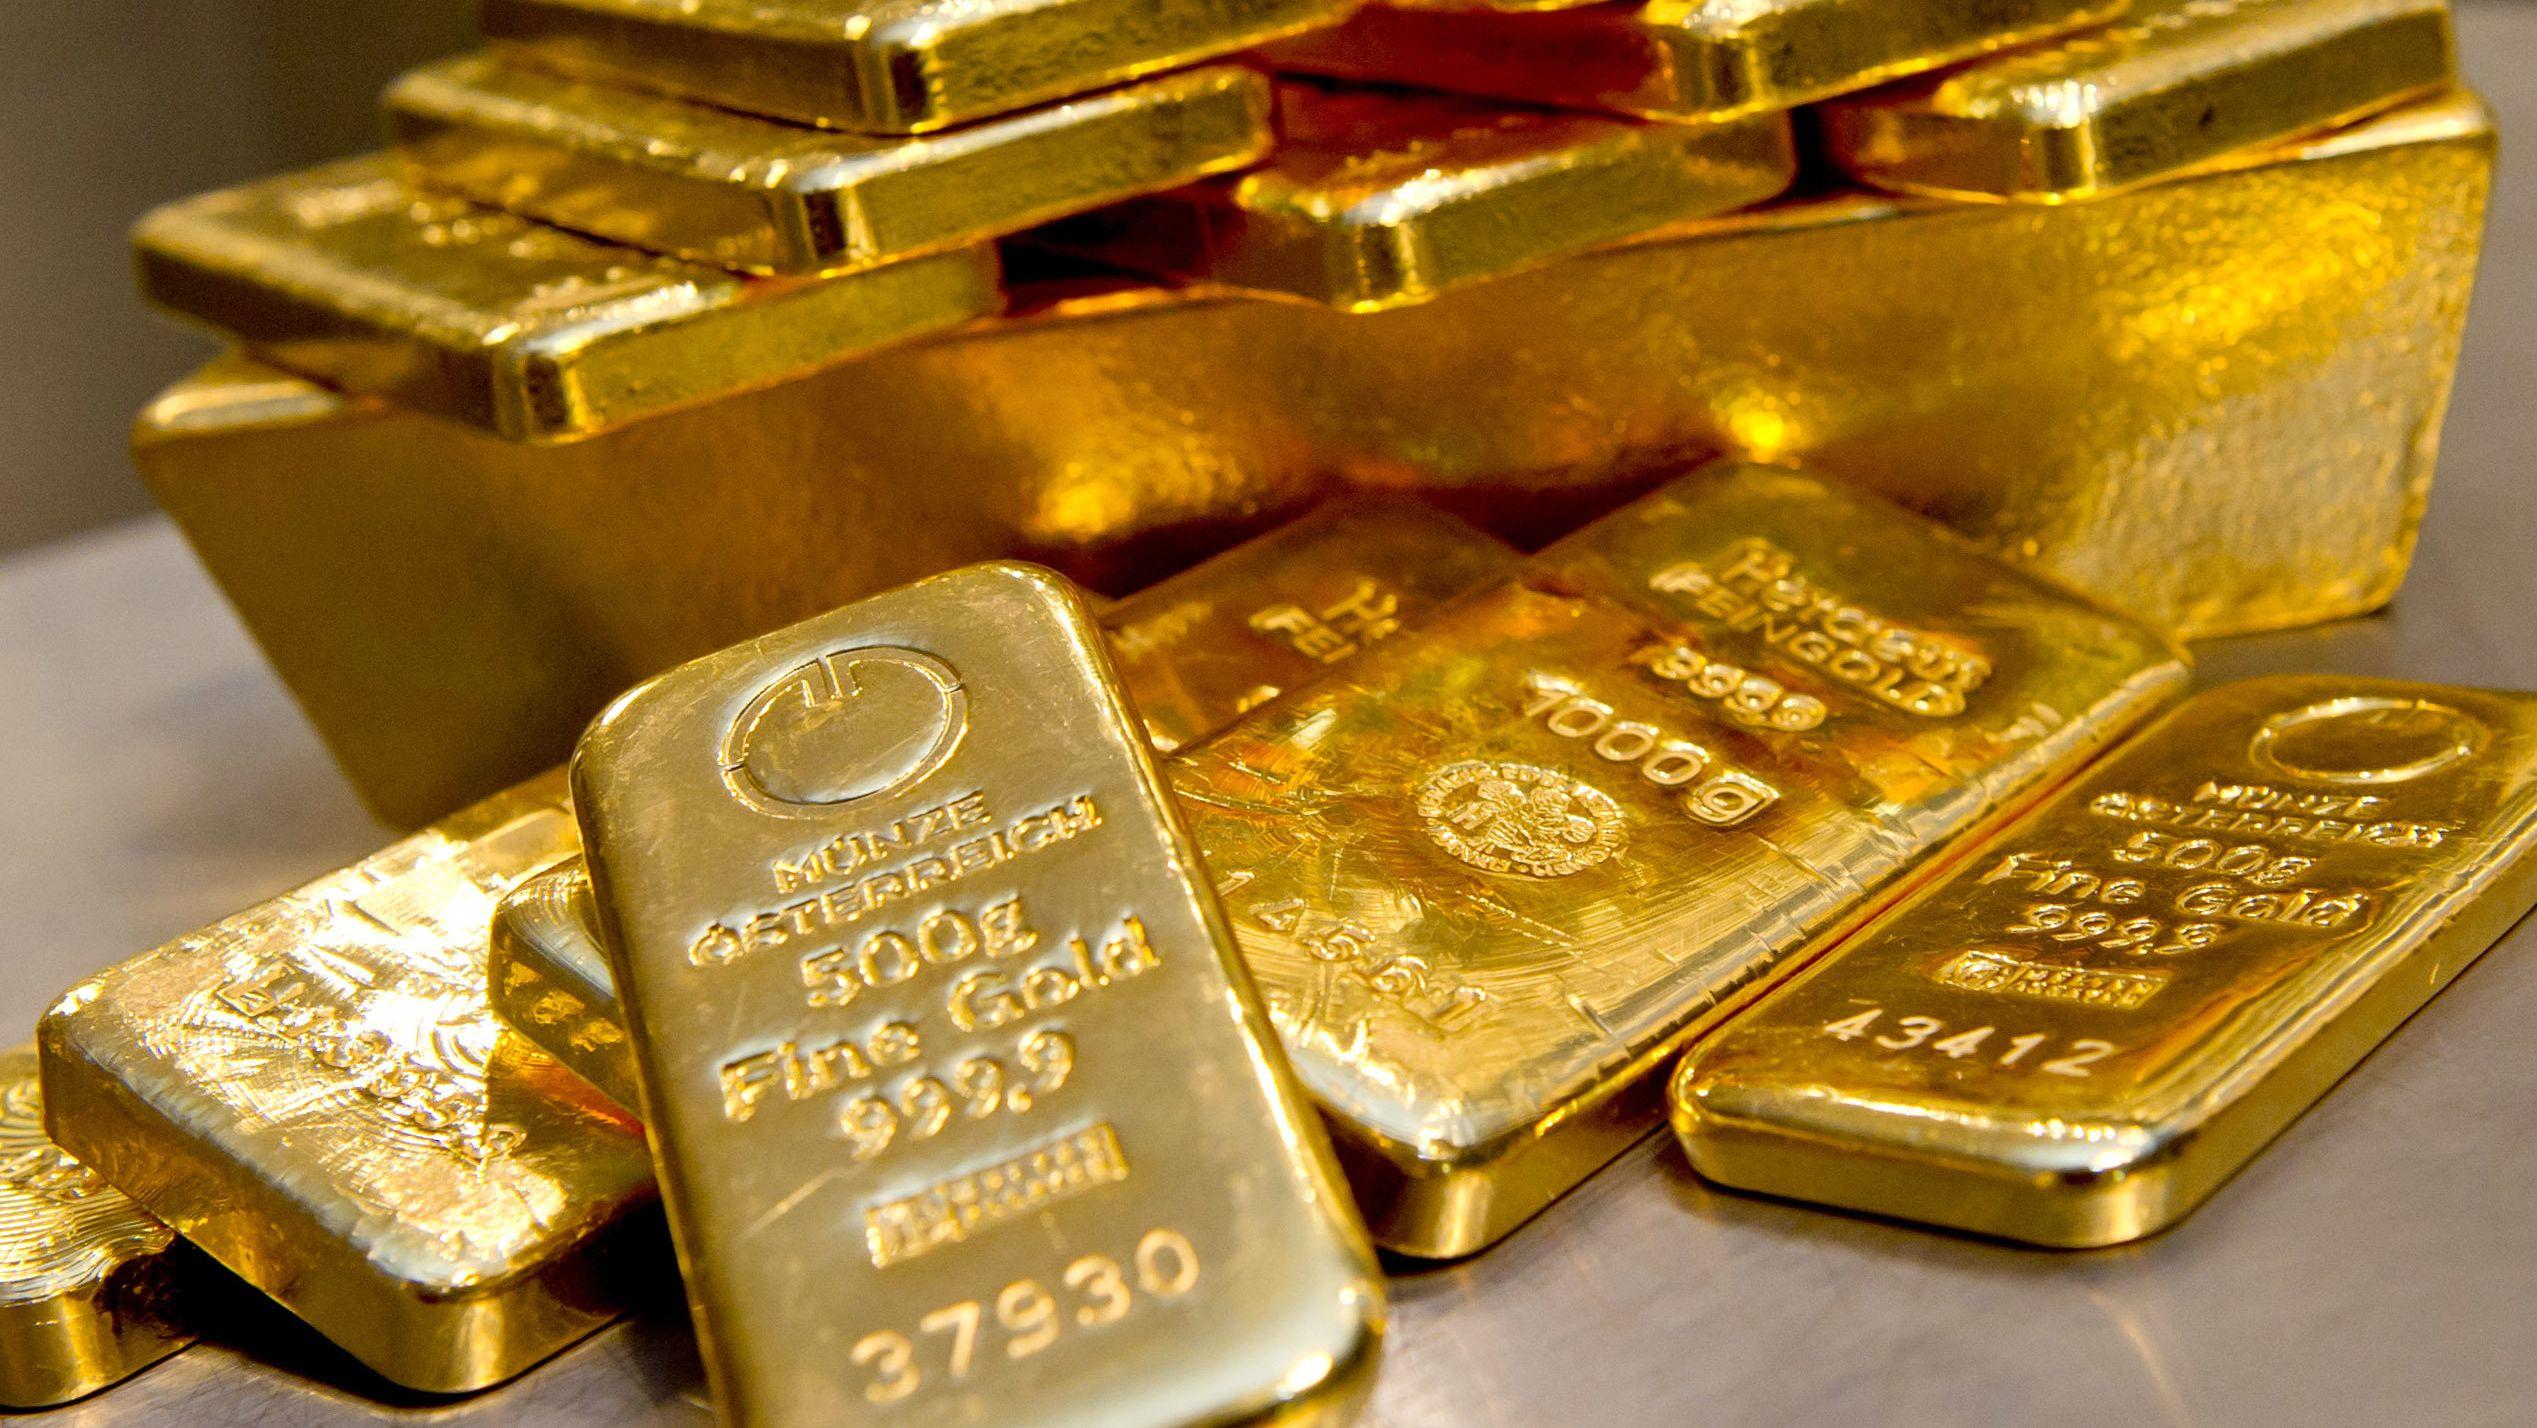 Goldbarren in unterschiedlicher Größe liegen bei einem Goldhändler in einem Tresor. Der Höhenflug beim Goldpreis geht weiter.